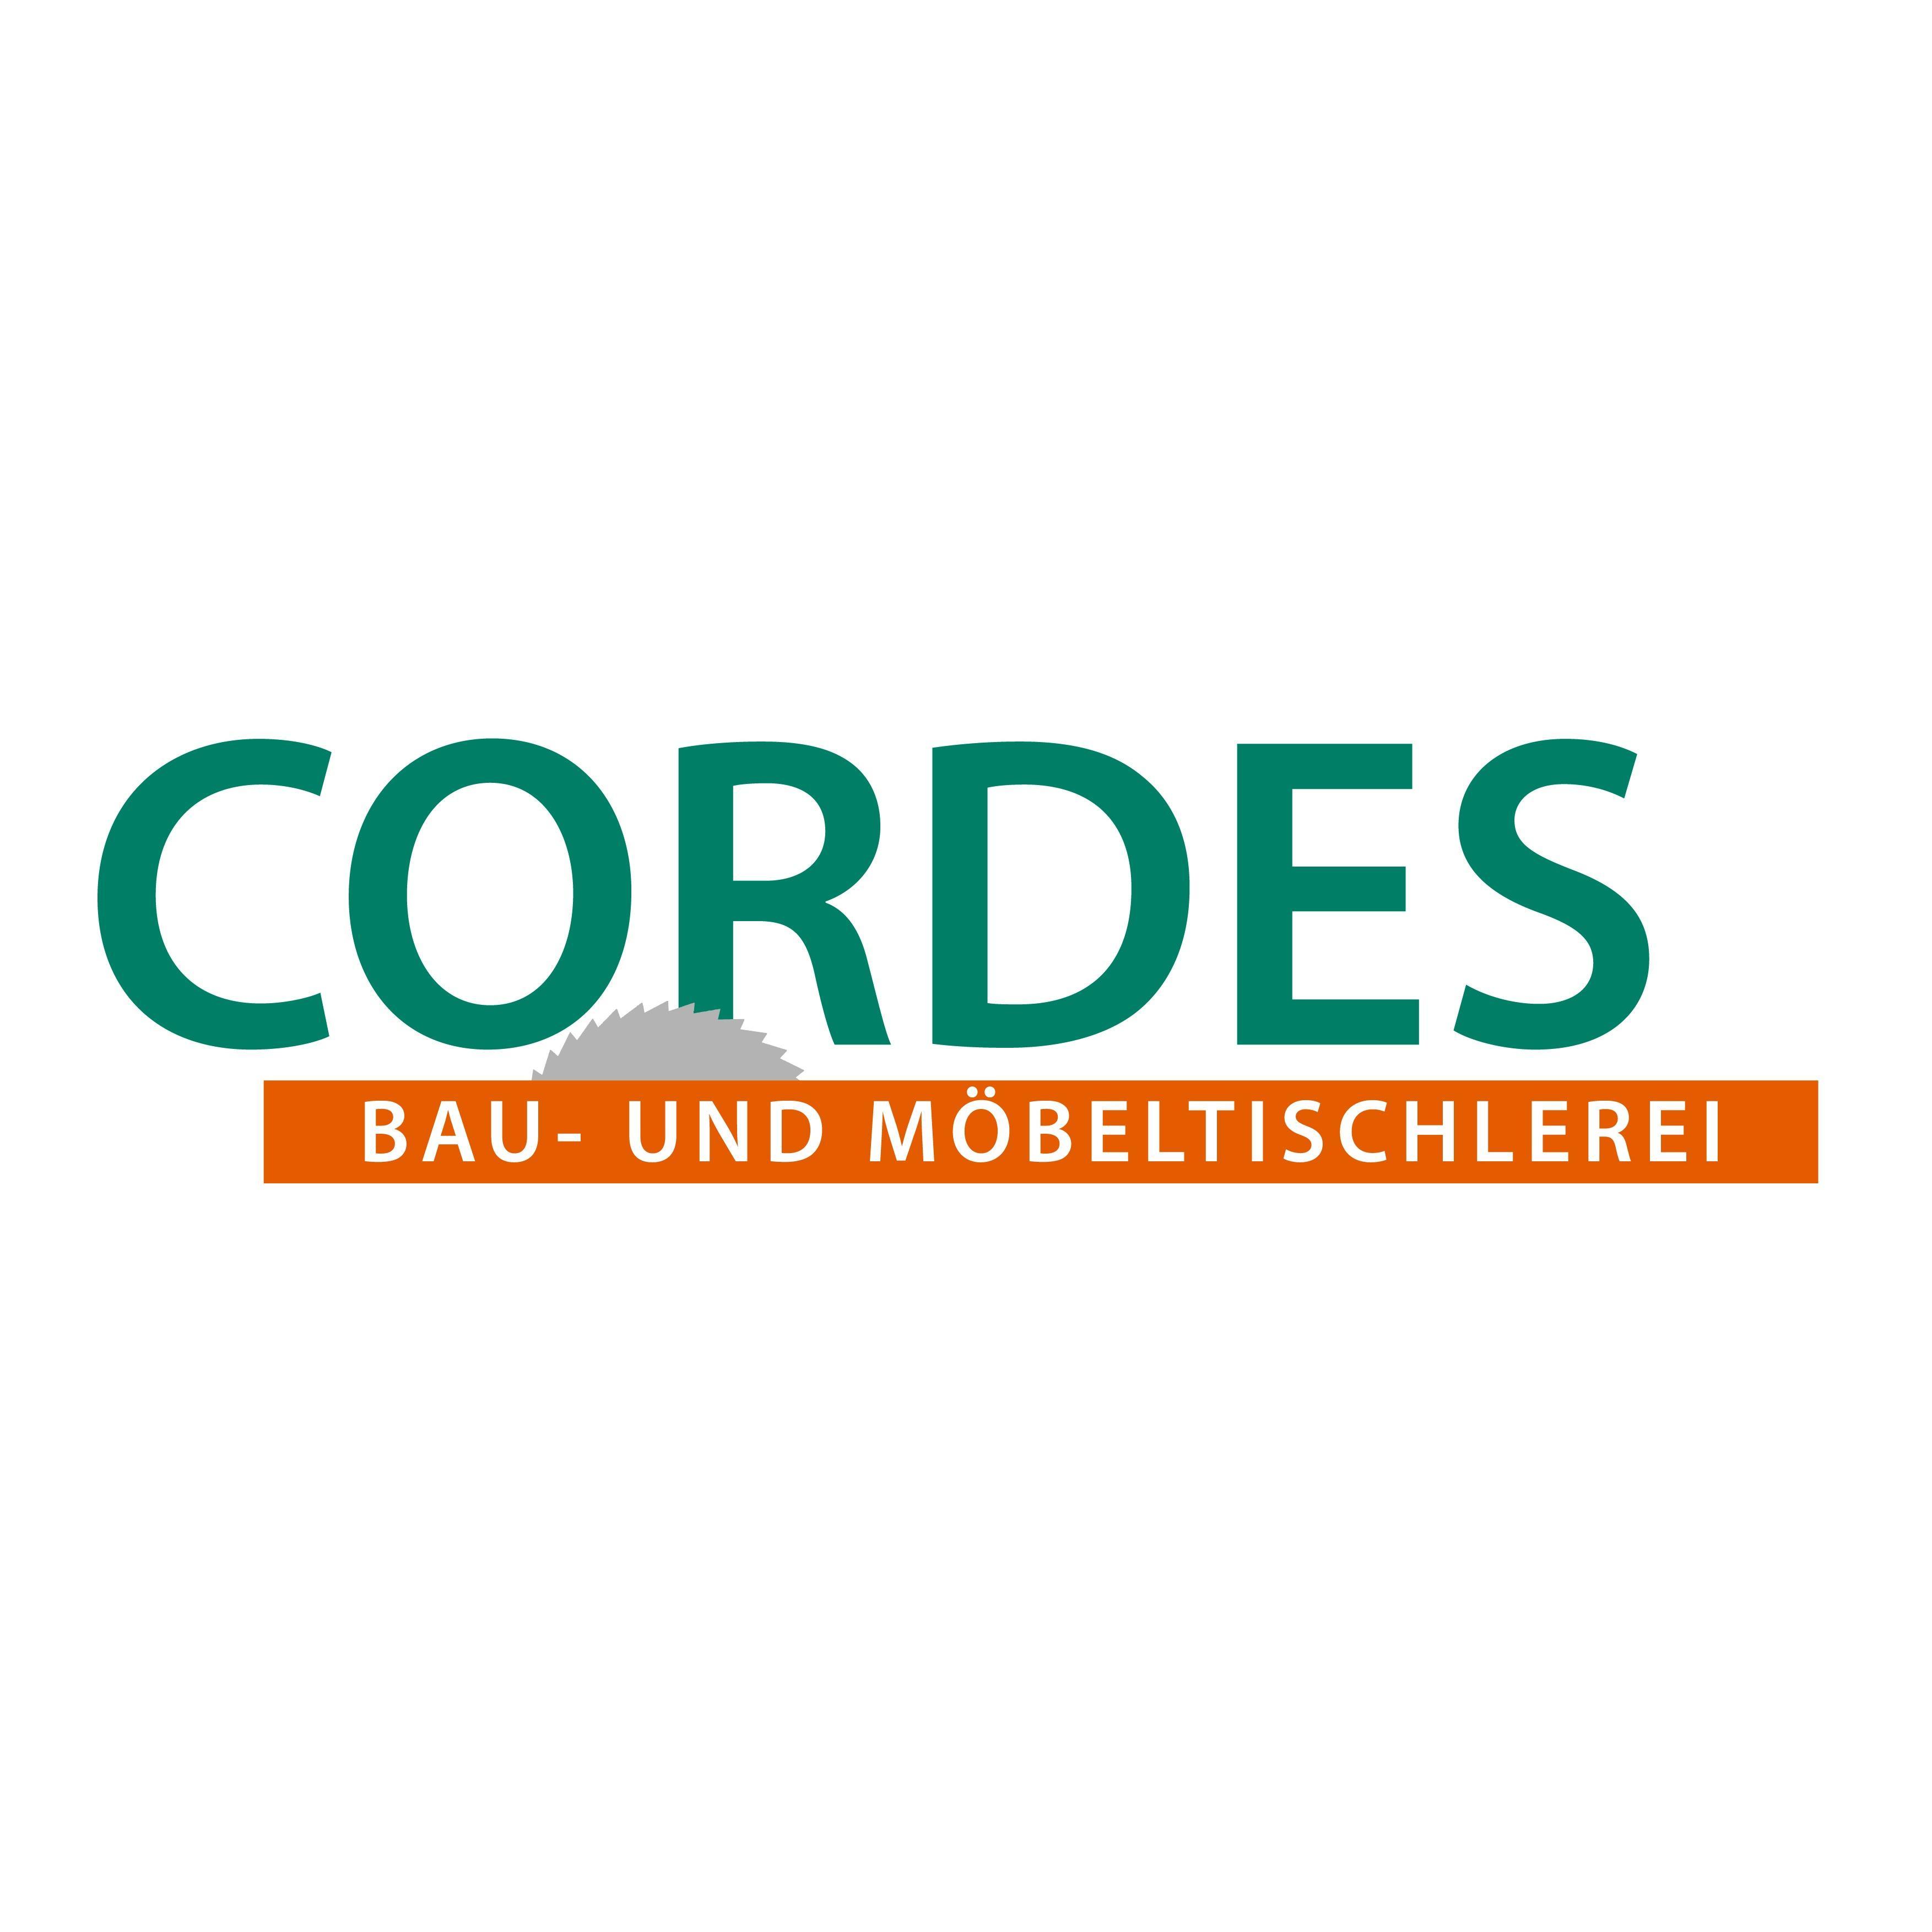 Bild zu Tischlerei Cordes GmbH & Co. KG Bau- und Möbeltischlerei in Ritterhude